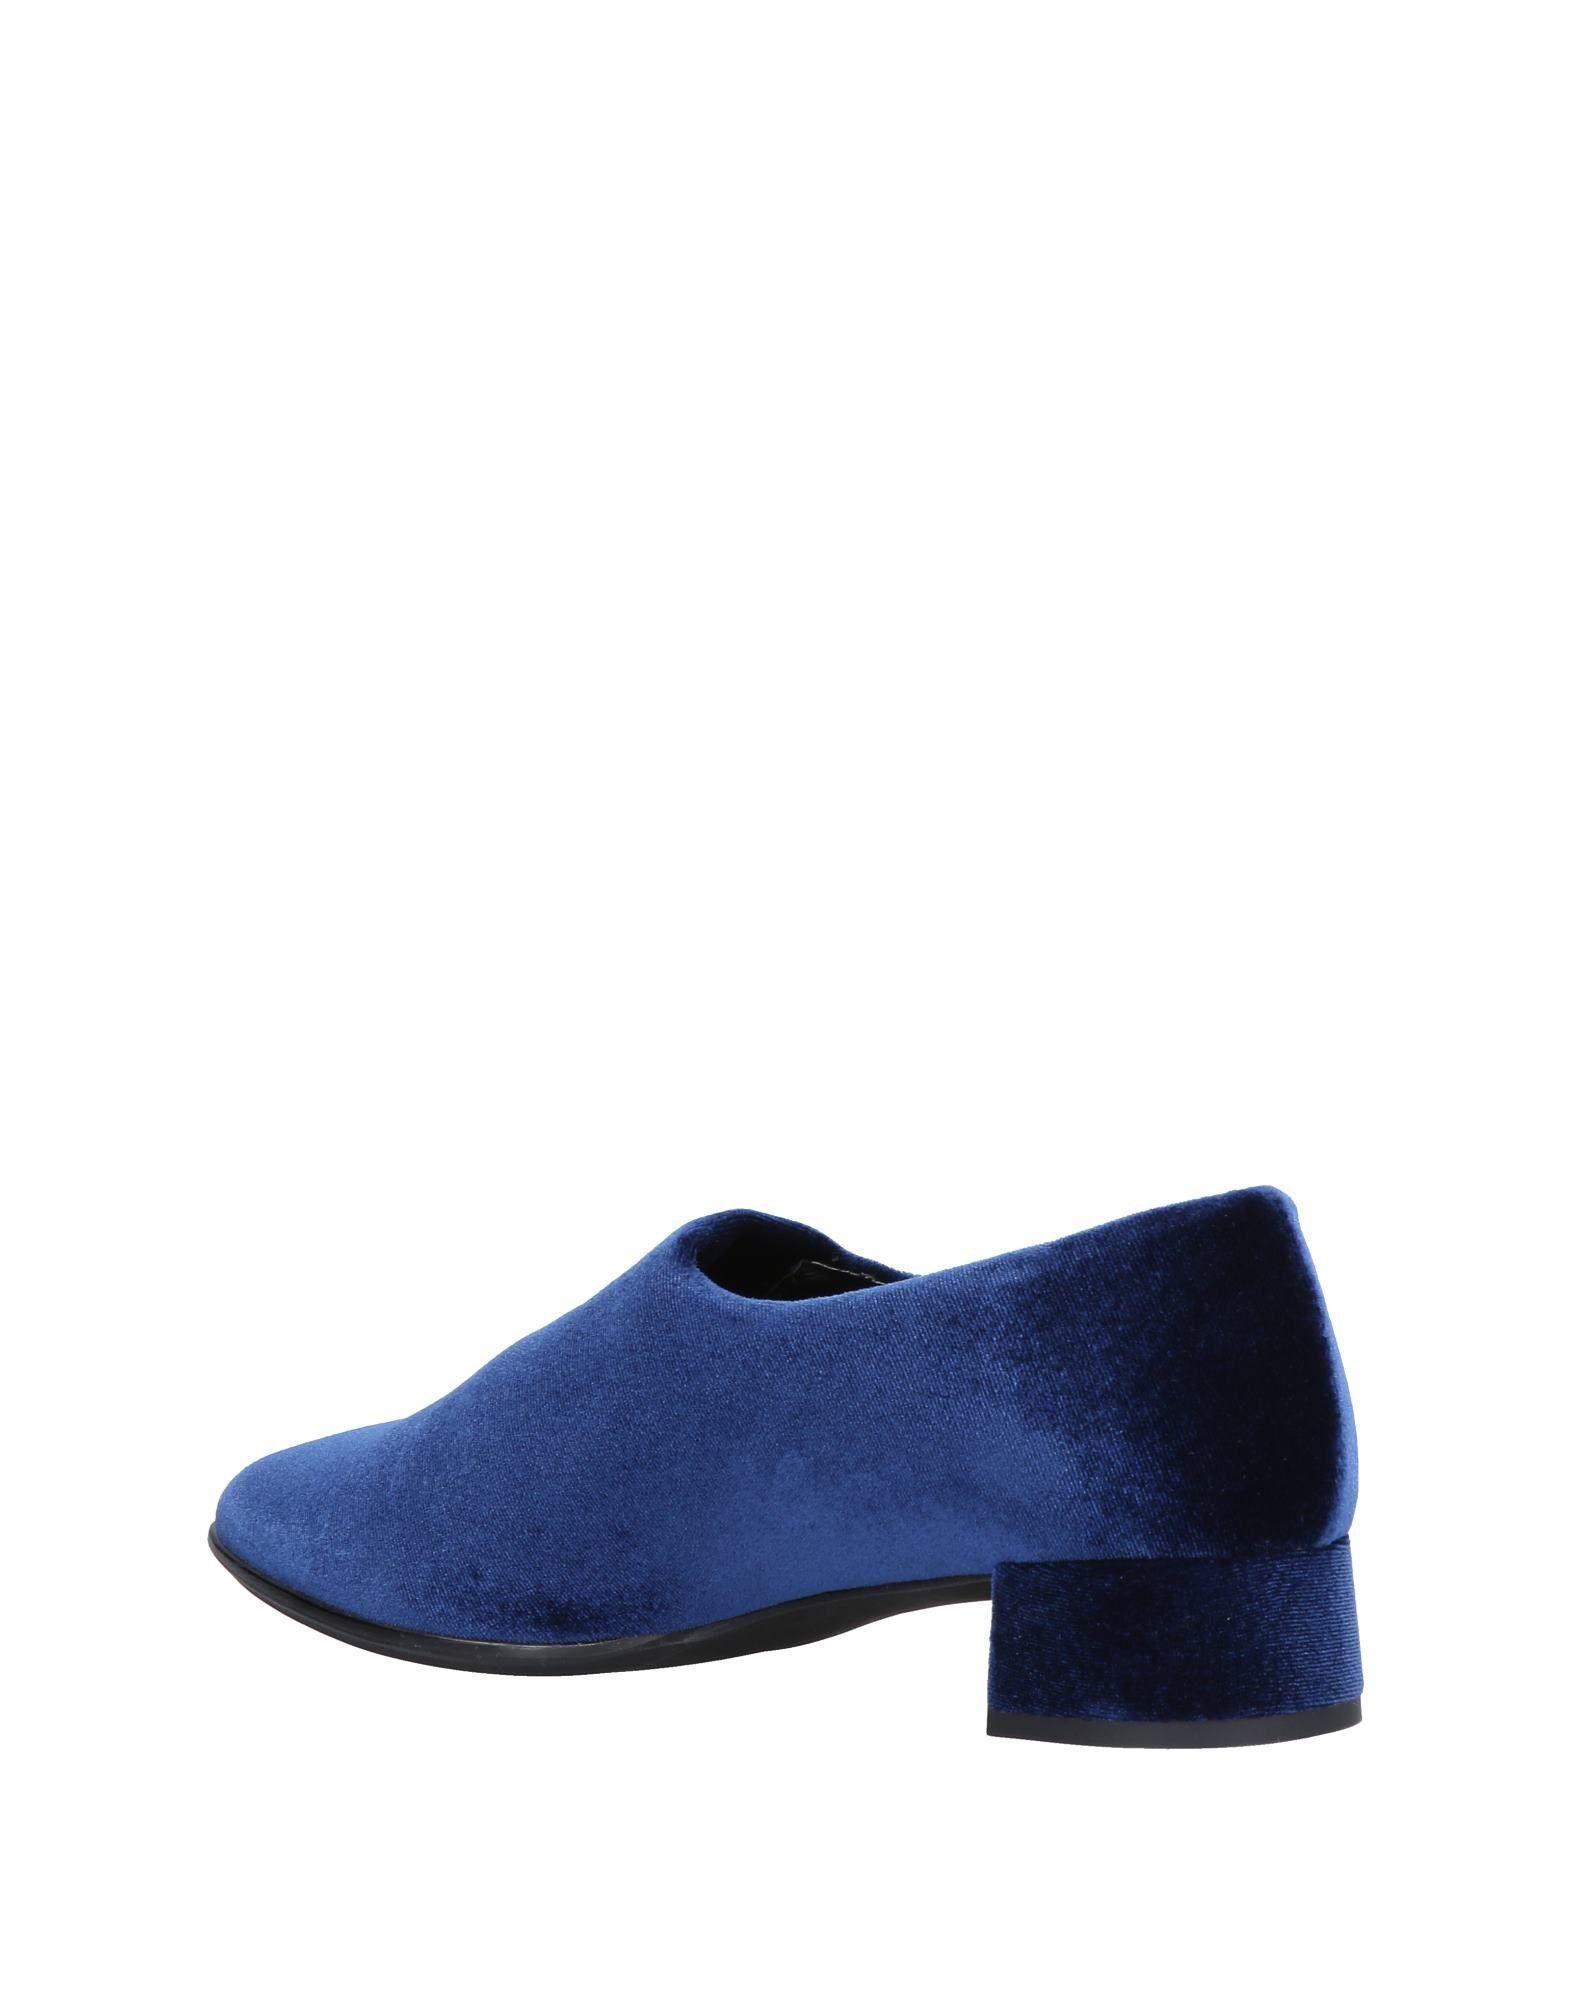 Nr Rapisardi Pumps Damen  Schuhe 11504864BL Gute Qualität beliebte Schuhe  c1168b